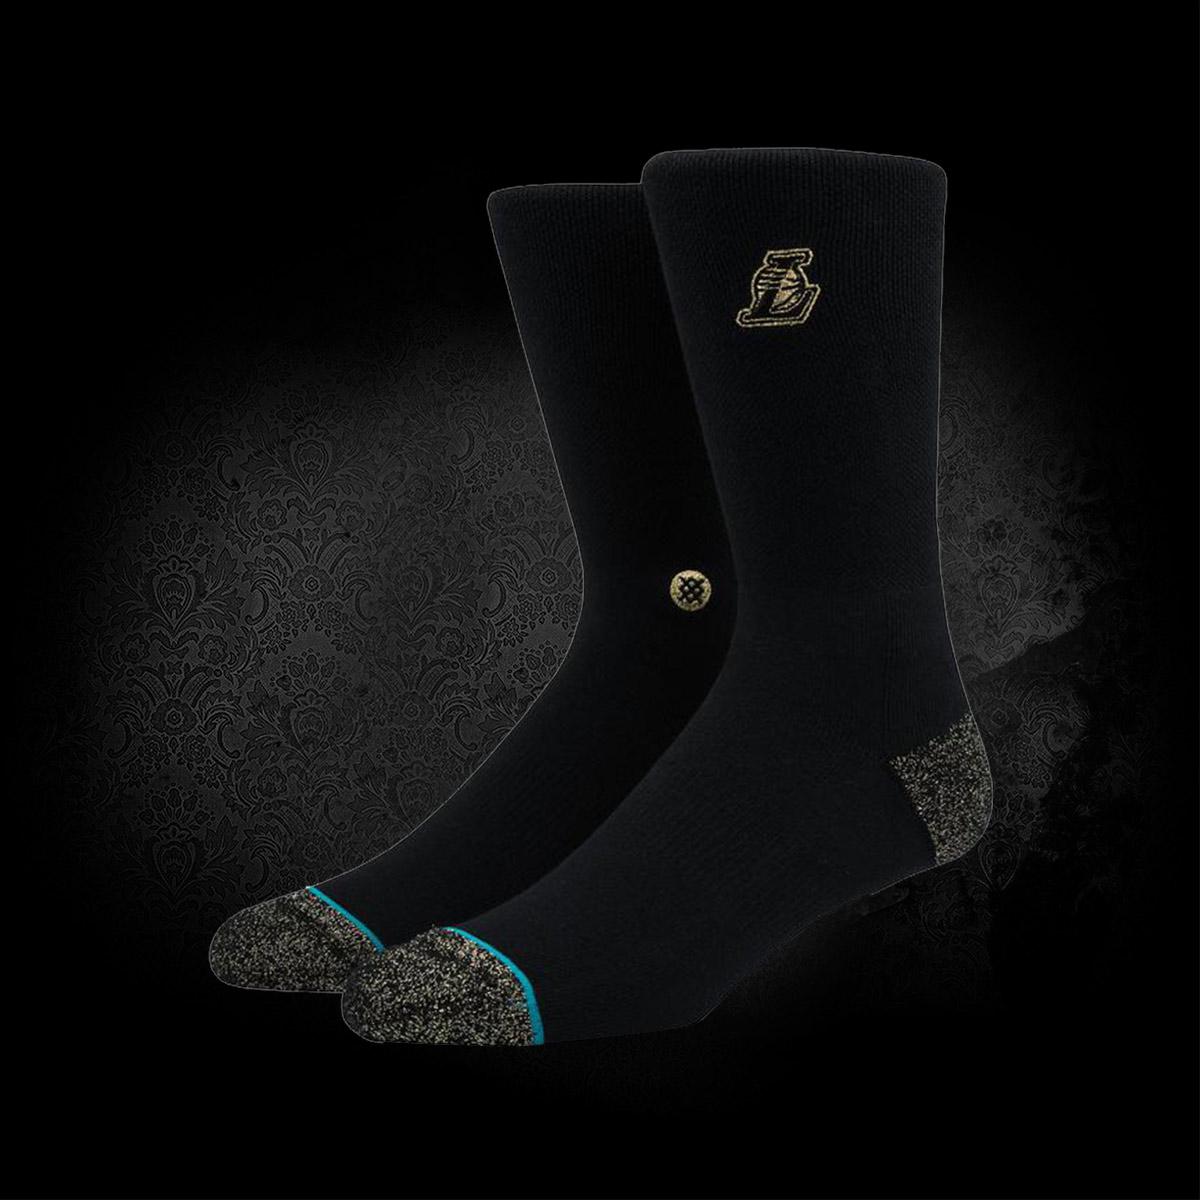 STANCE Čarape LAKERS TROPHY